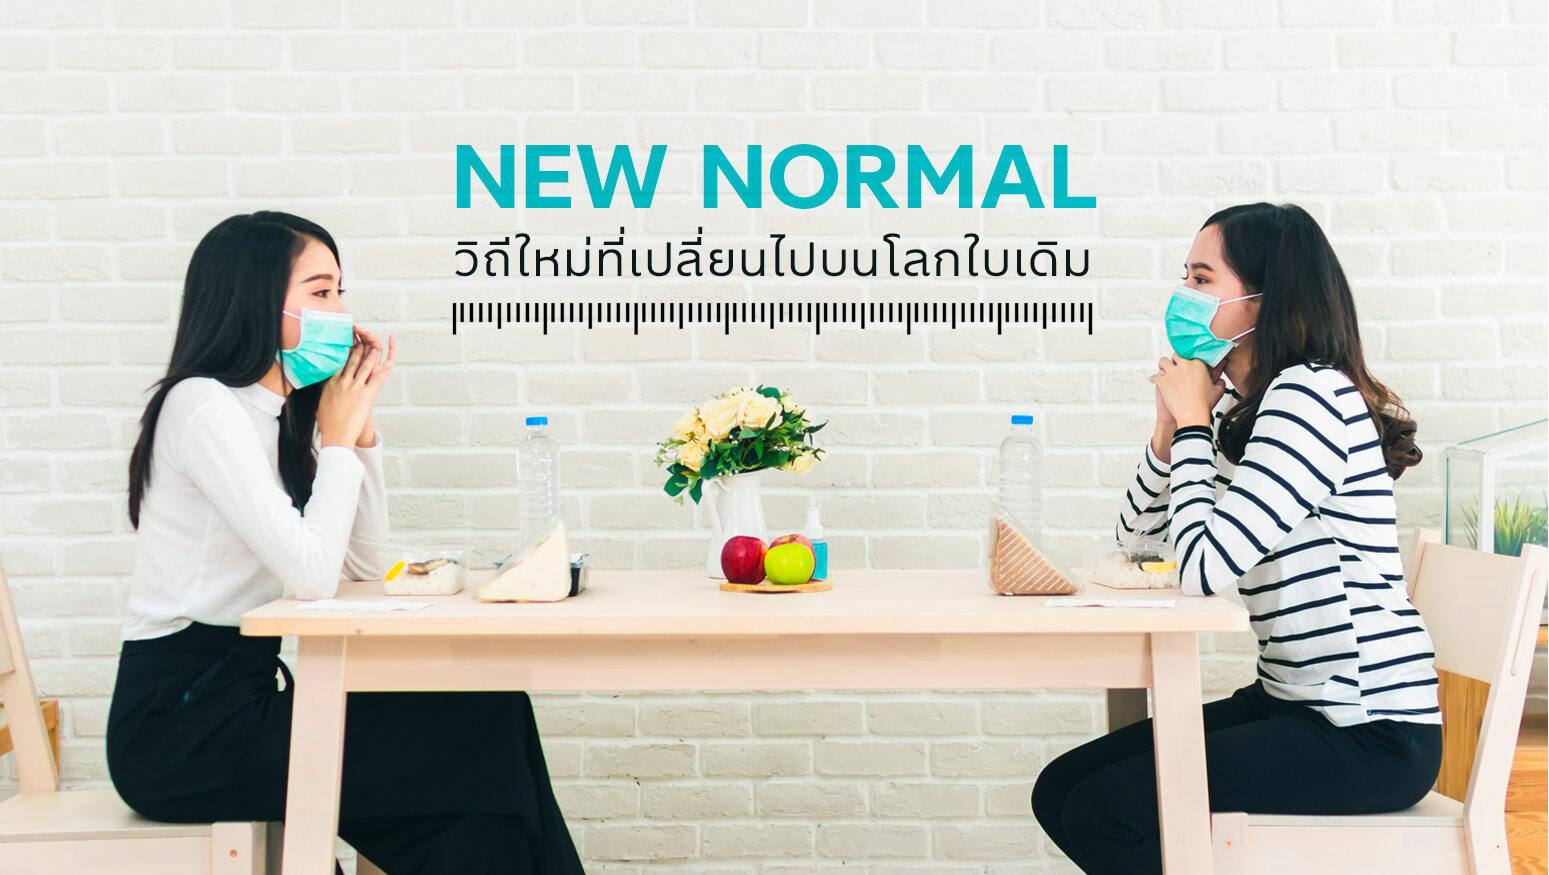 New normal_ชีวิตวิถีใหม่